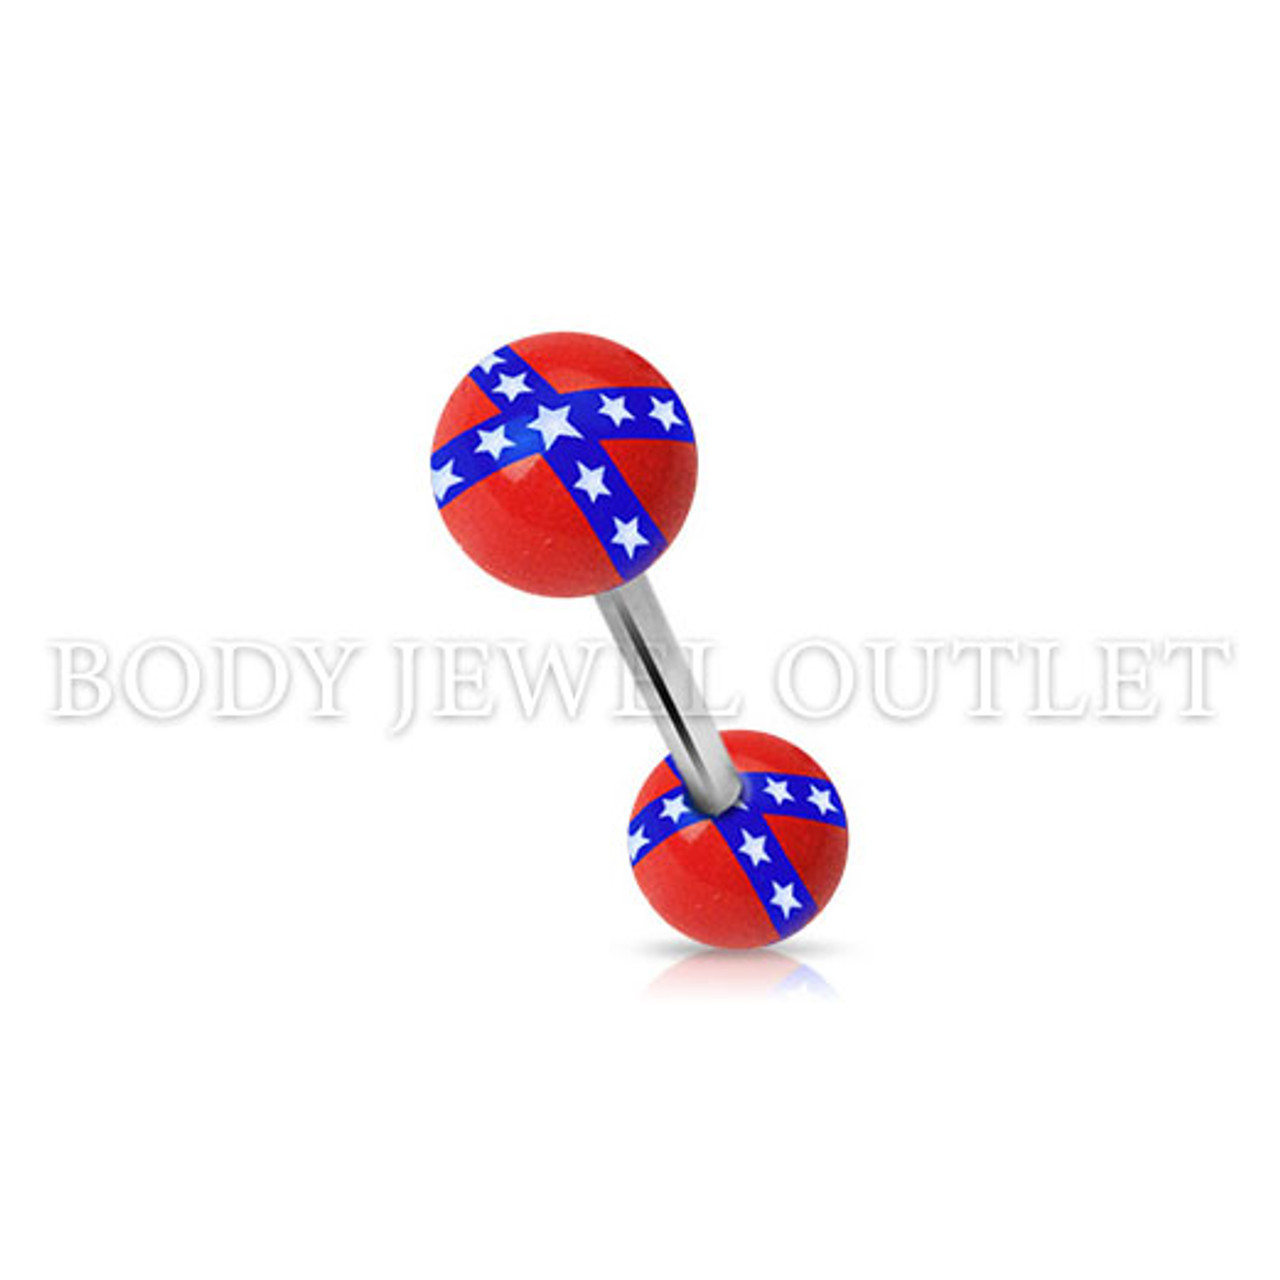 Tongue Piercing Rebel Flag Acrylic Balls | BodyJewelOutlet